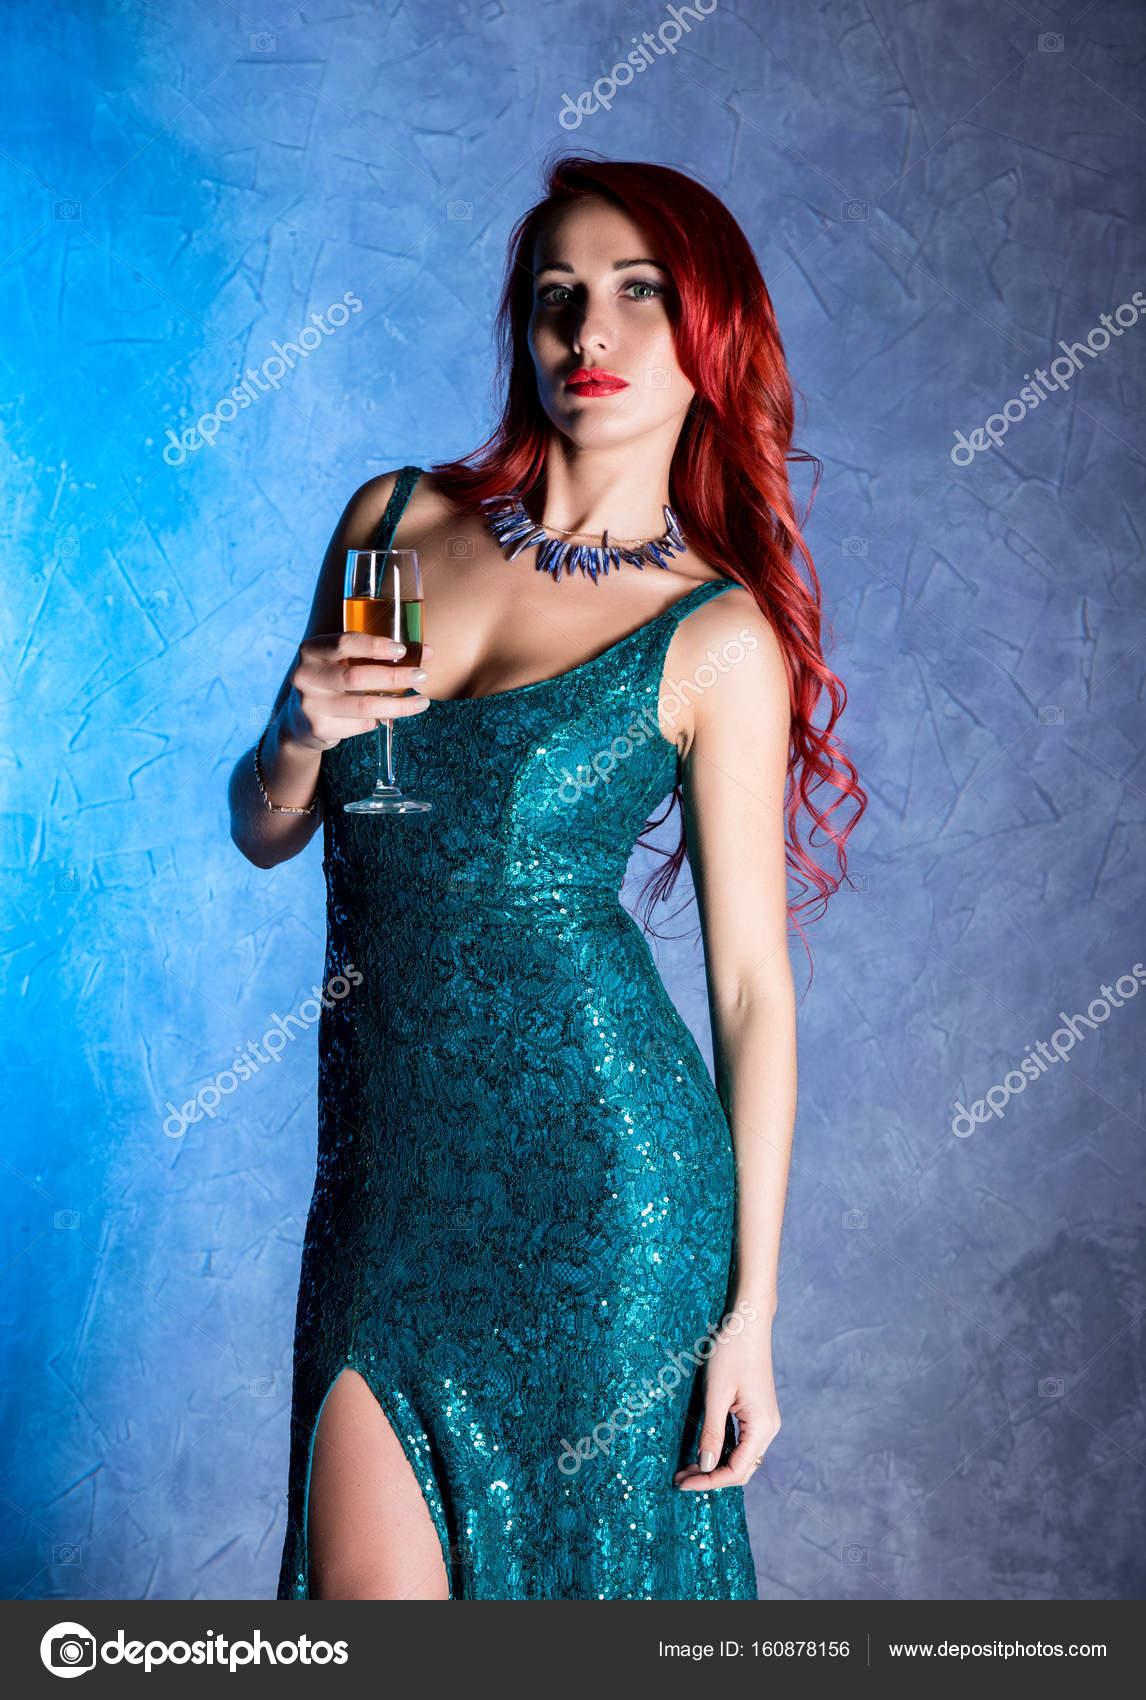 Сексуальная девочка с красивыми сиськами